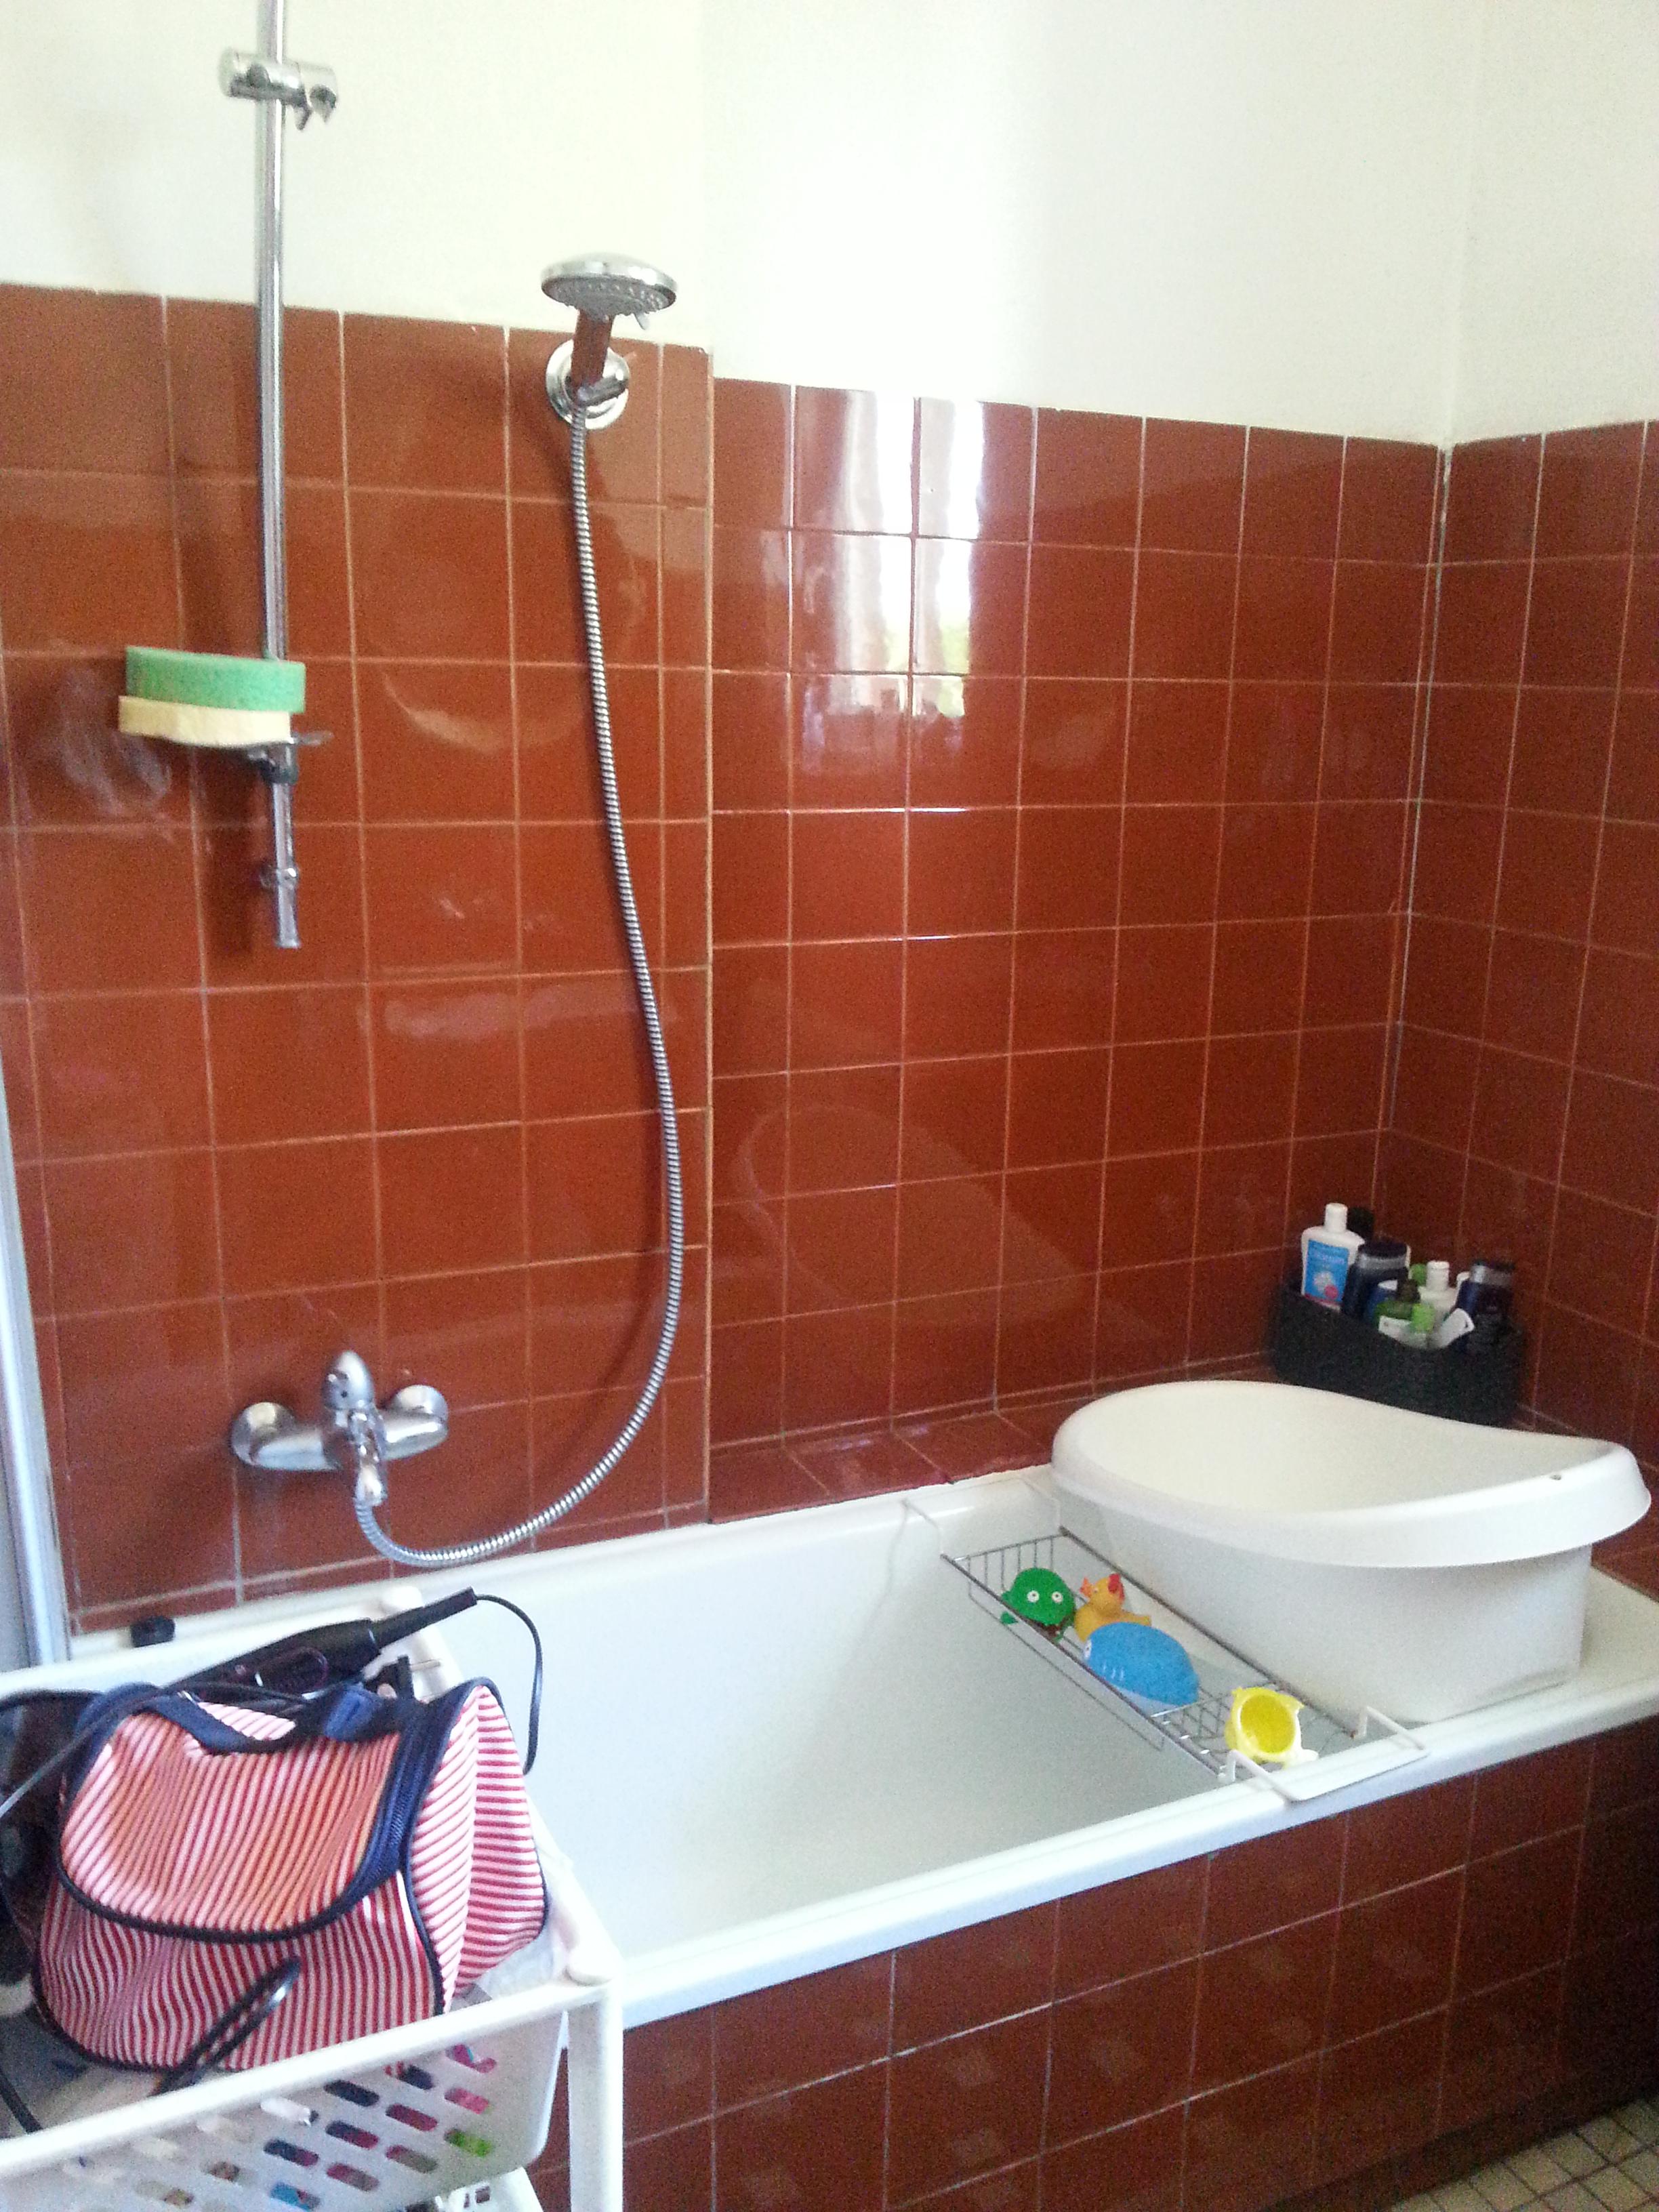 Jak wyglądała łazienka przed zmianami